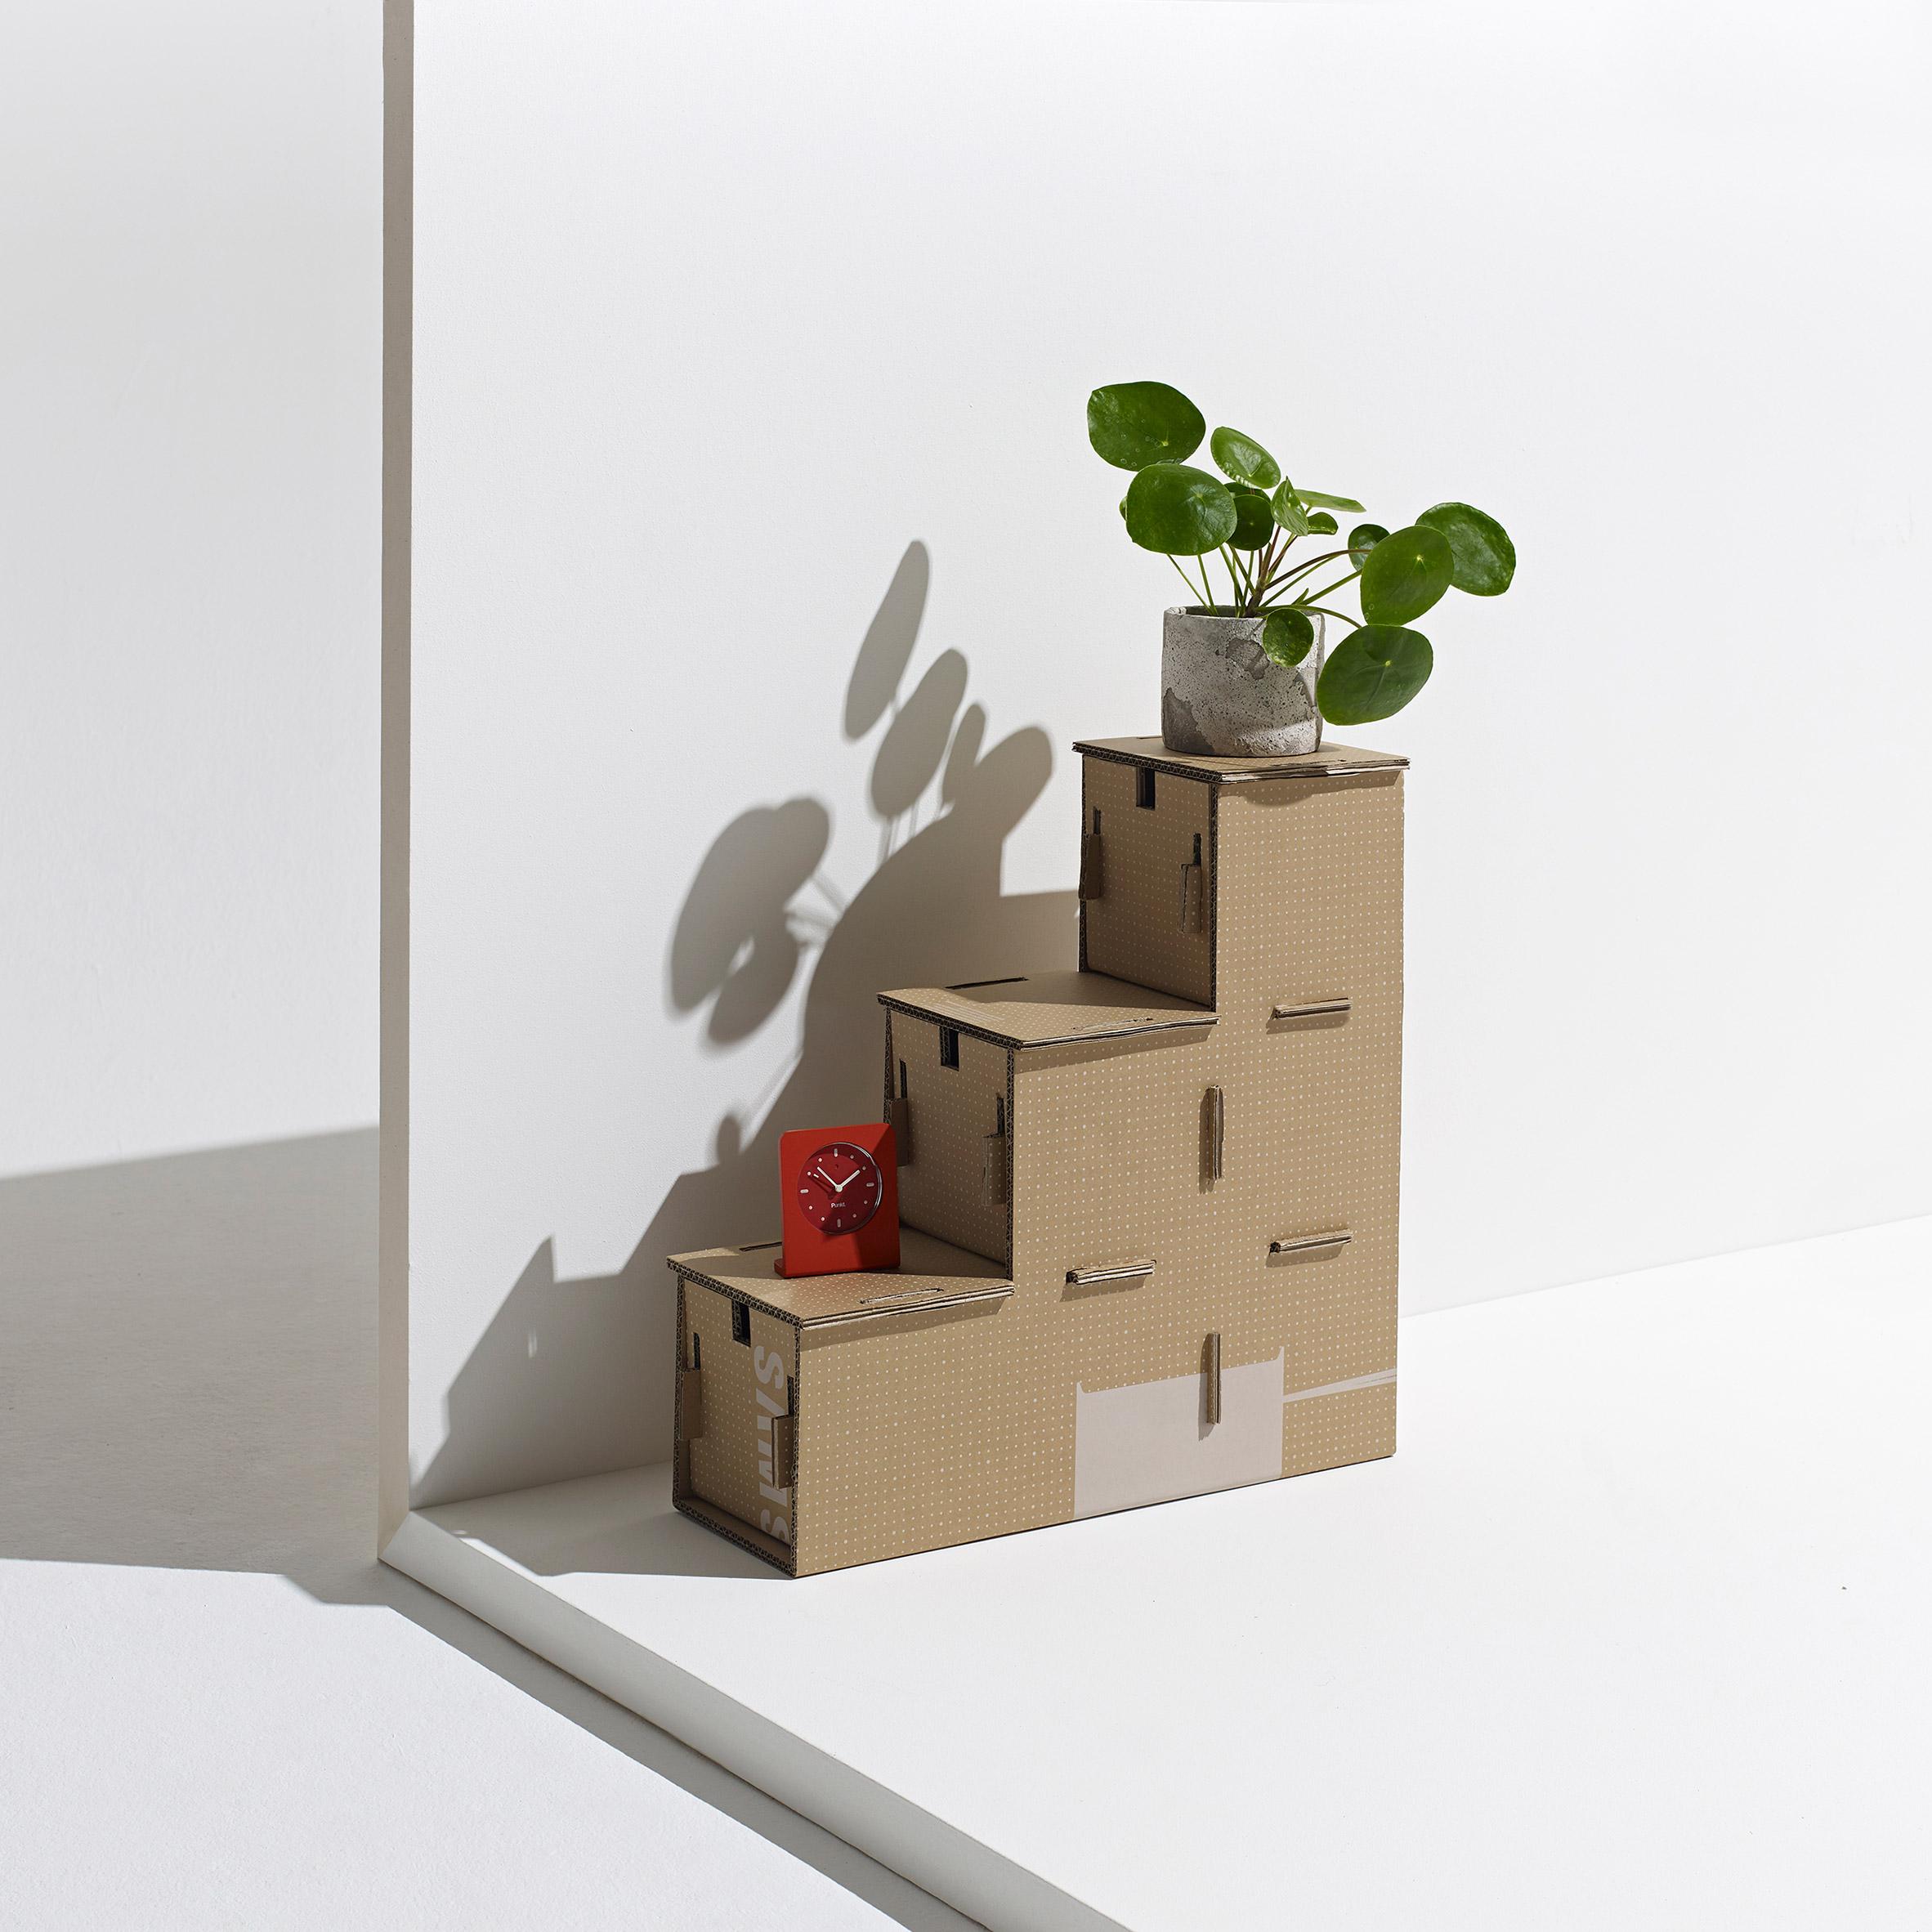 Kibe storage by Revaz Berdzenishvili